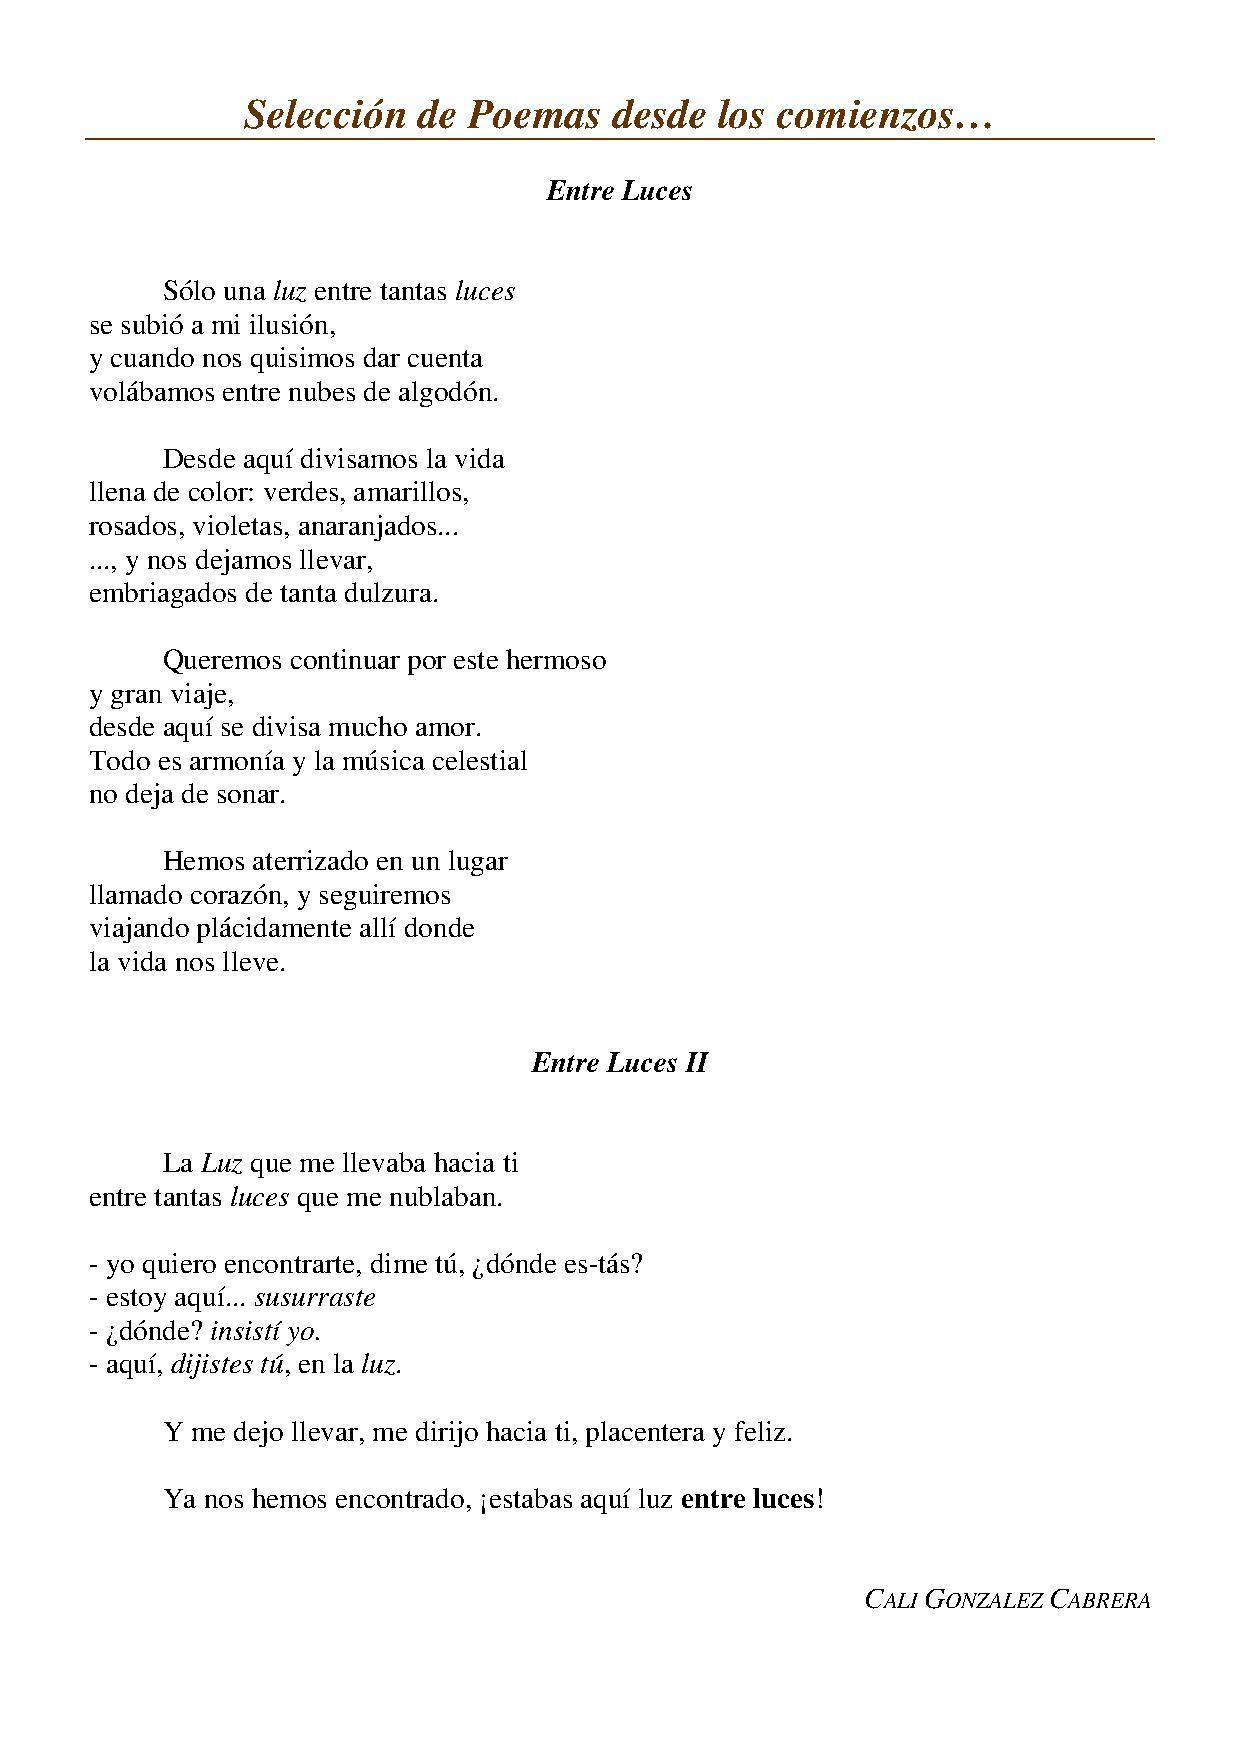 Textos_Poesias__selección_1.jpg